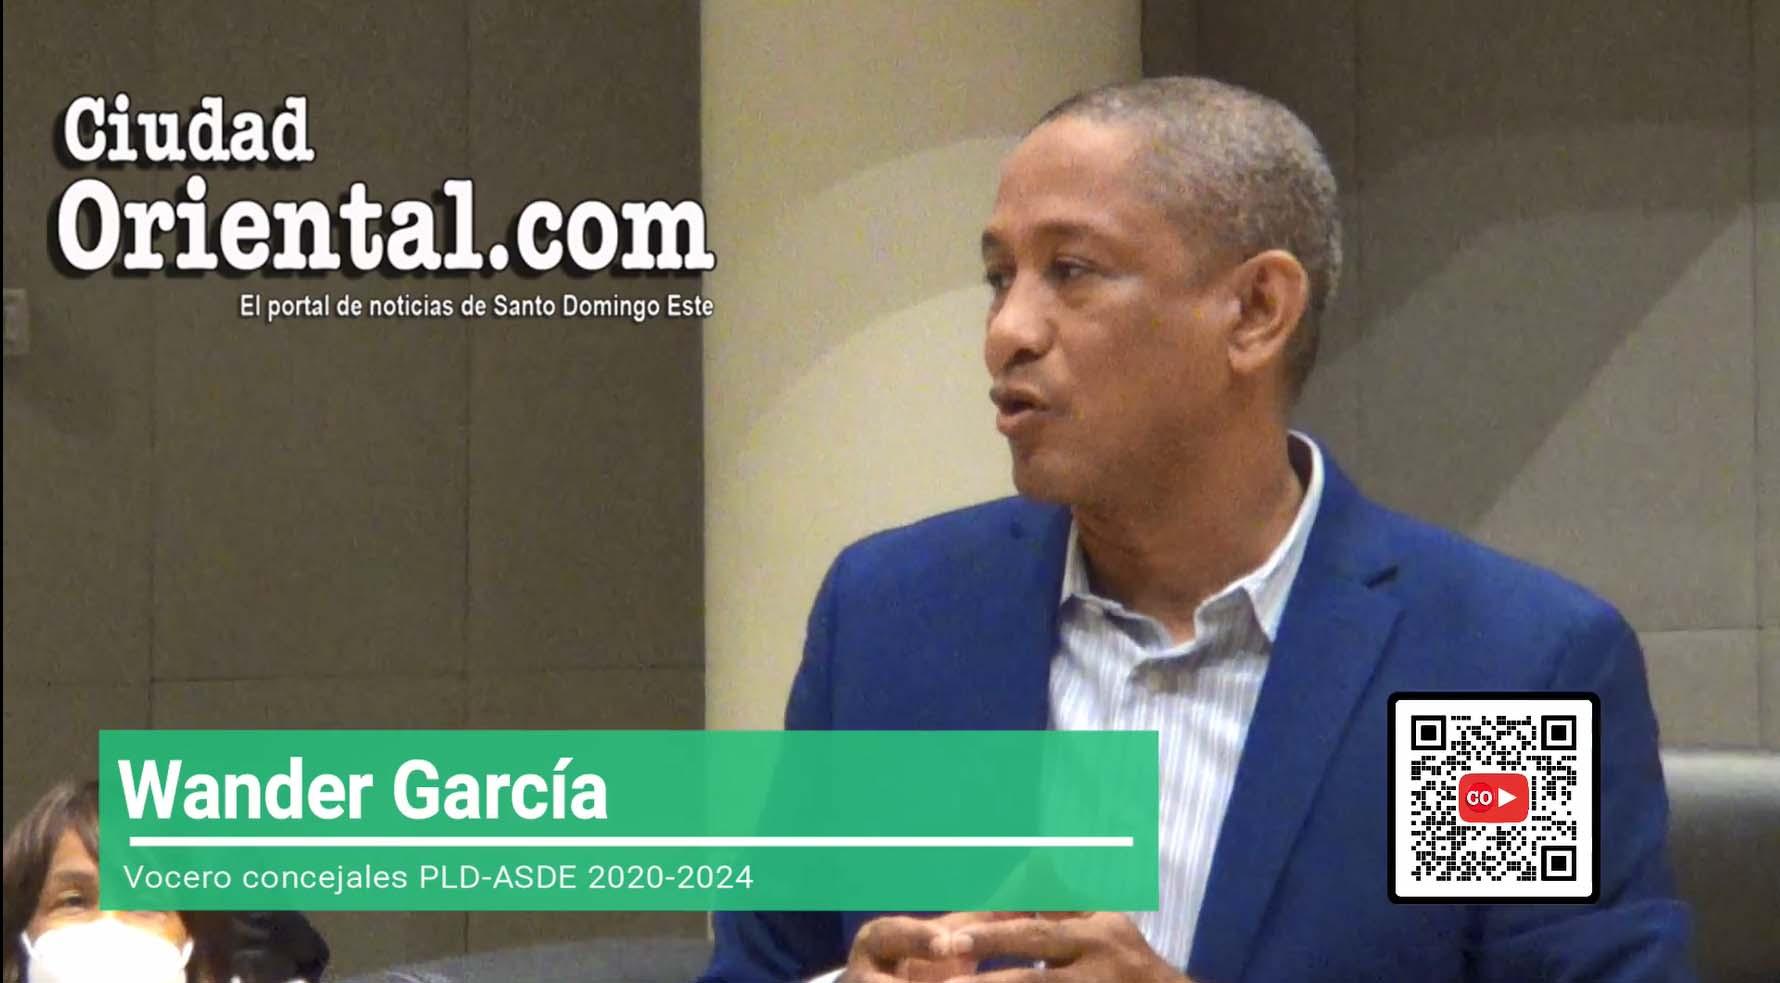 Wander García